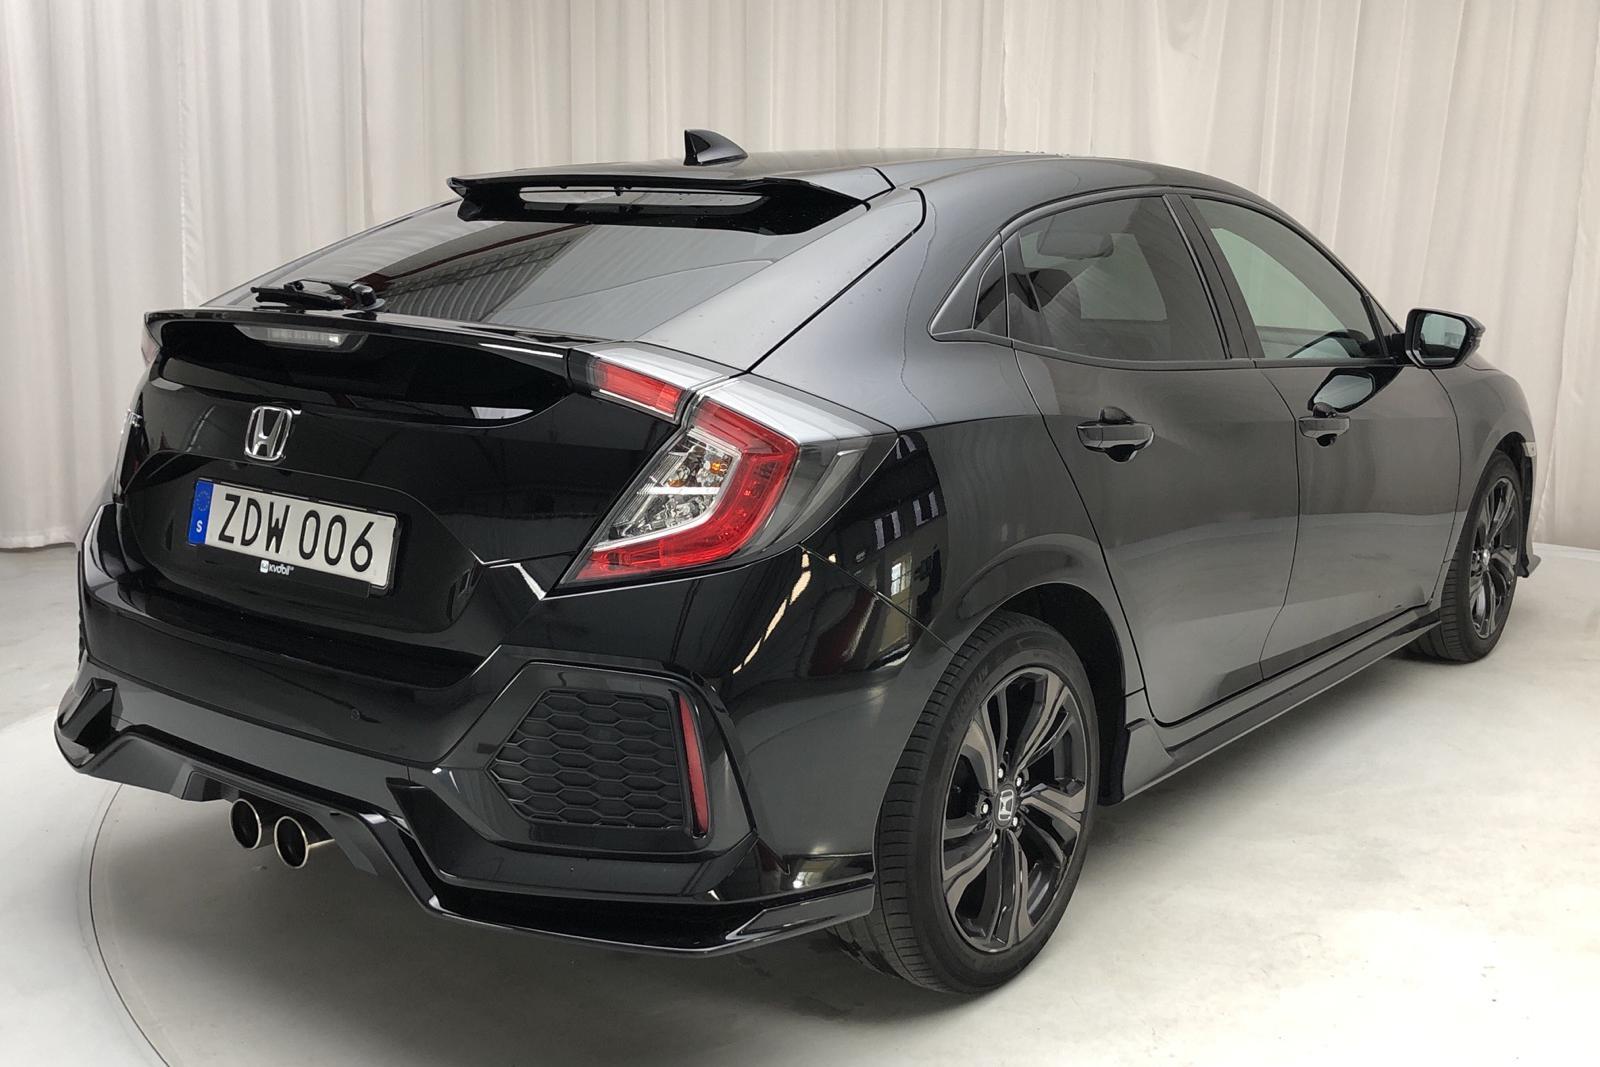 Honda Civic 1.5 i-VTEC 5dr (182hk) - 0 km - Manual - black - 2017